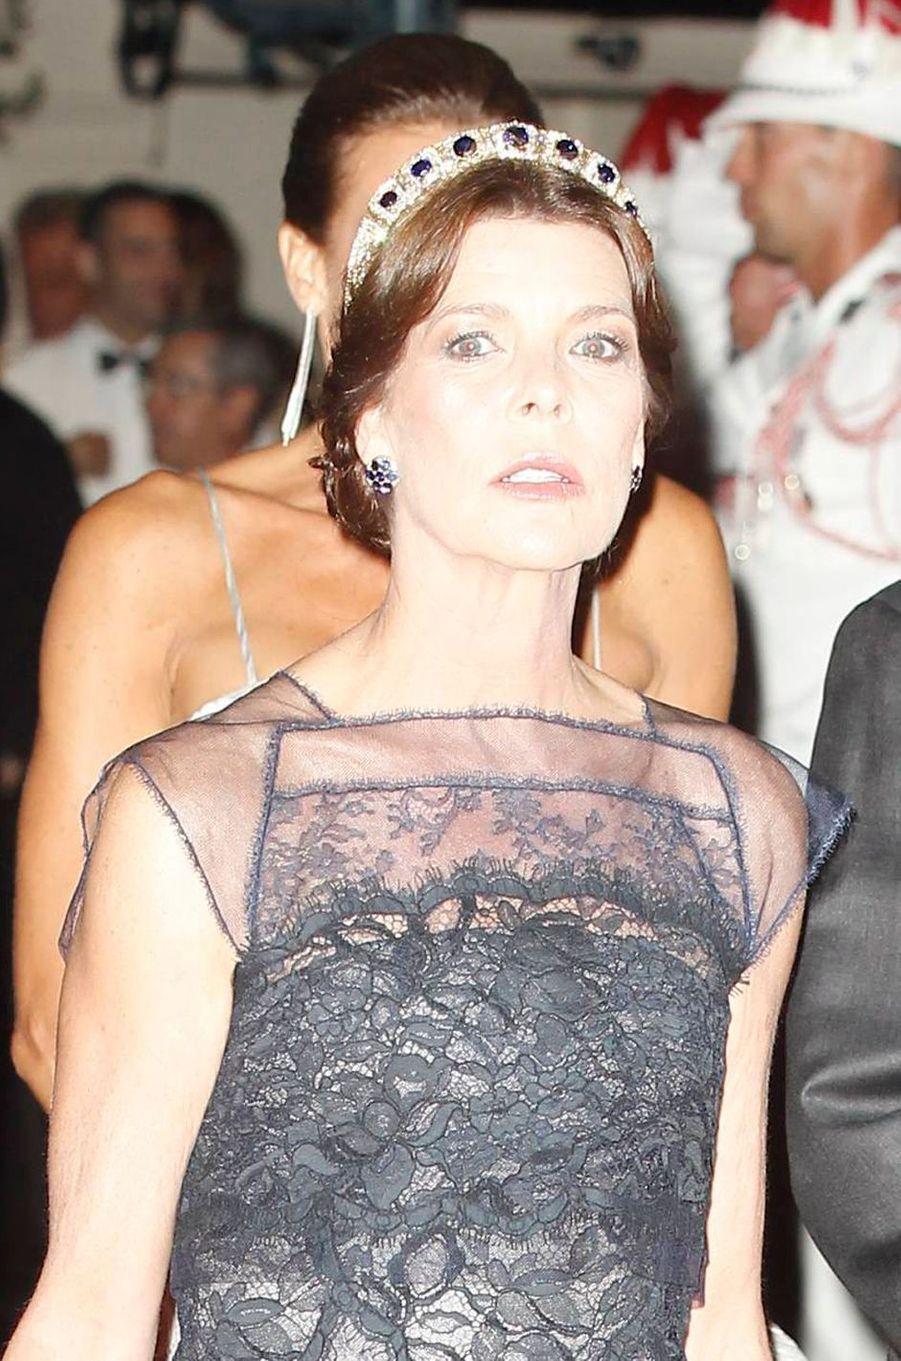 Monacon Caroline